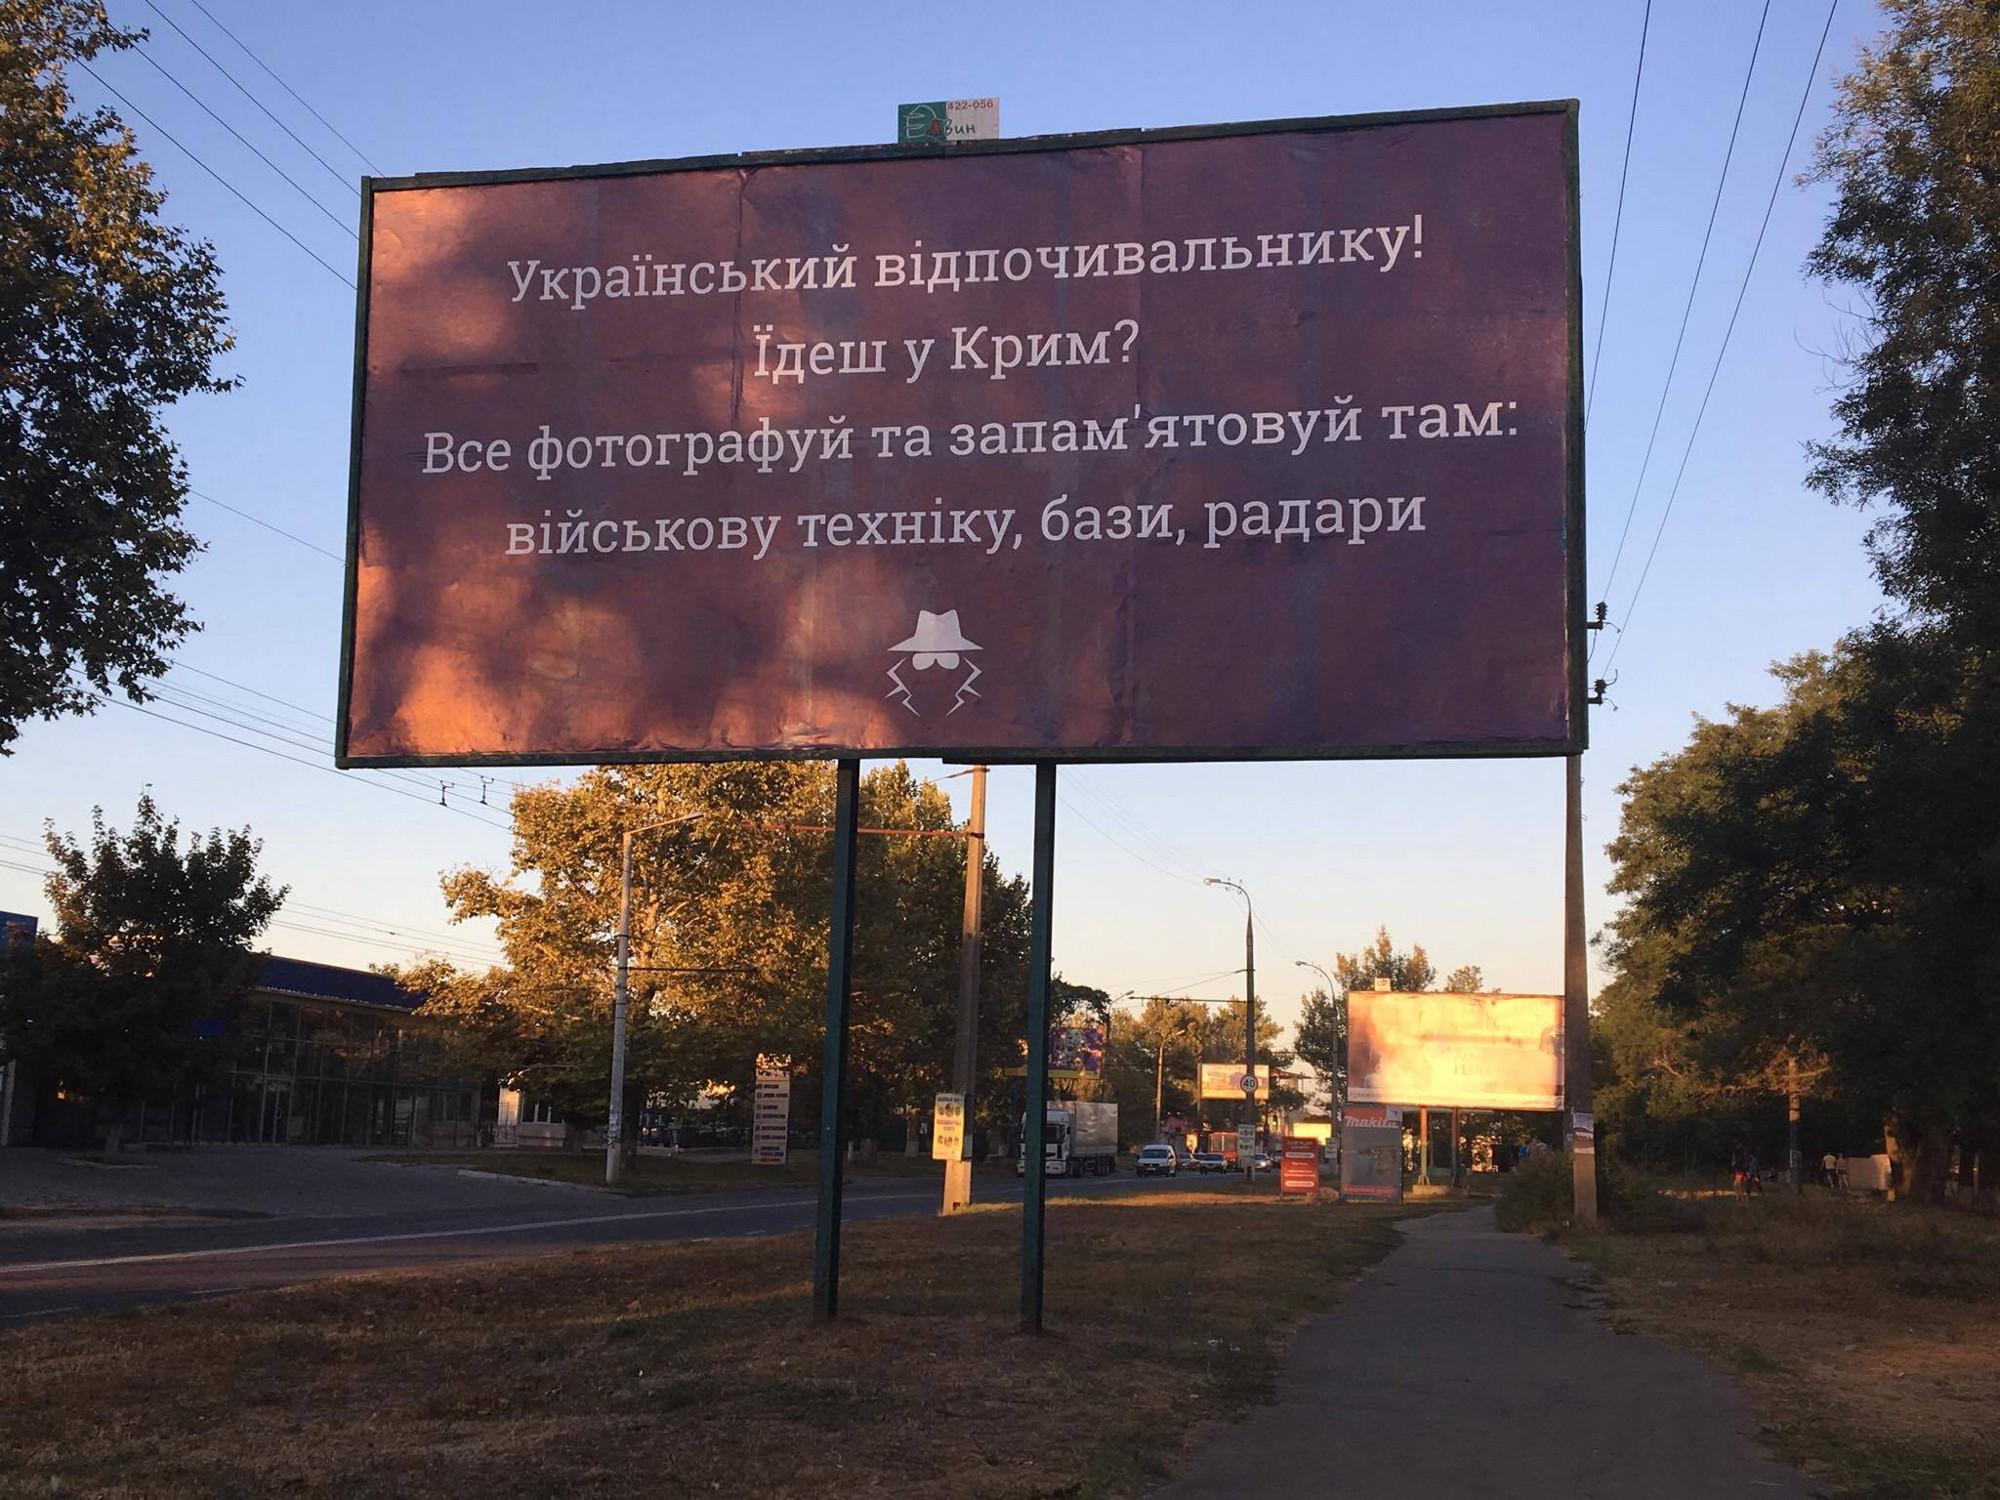 «Украинский отдыхающий! Едешь в Крым? Все там фотографируй и запоминай: военную технику, базы, радары»—фото со страницы Антона Годзы в Фейсбуке (источник).